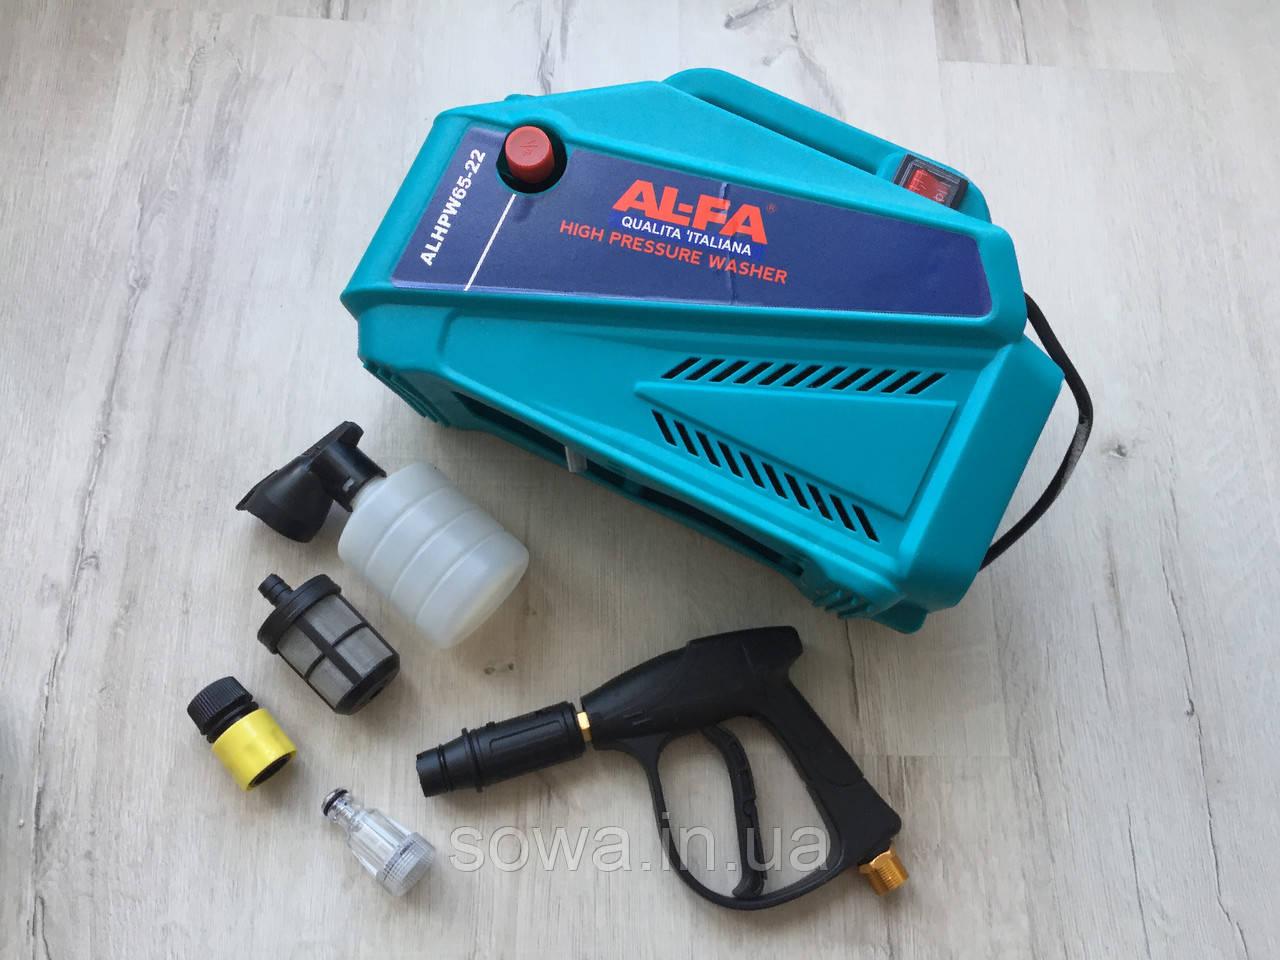 ✔️ Мийка високого тиску AL-FA ALHPW65-22 | 6.5 л/хв | 2200W + ПОДАРУНОК